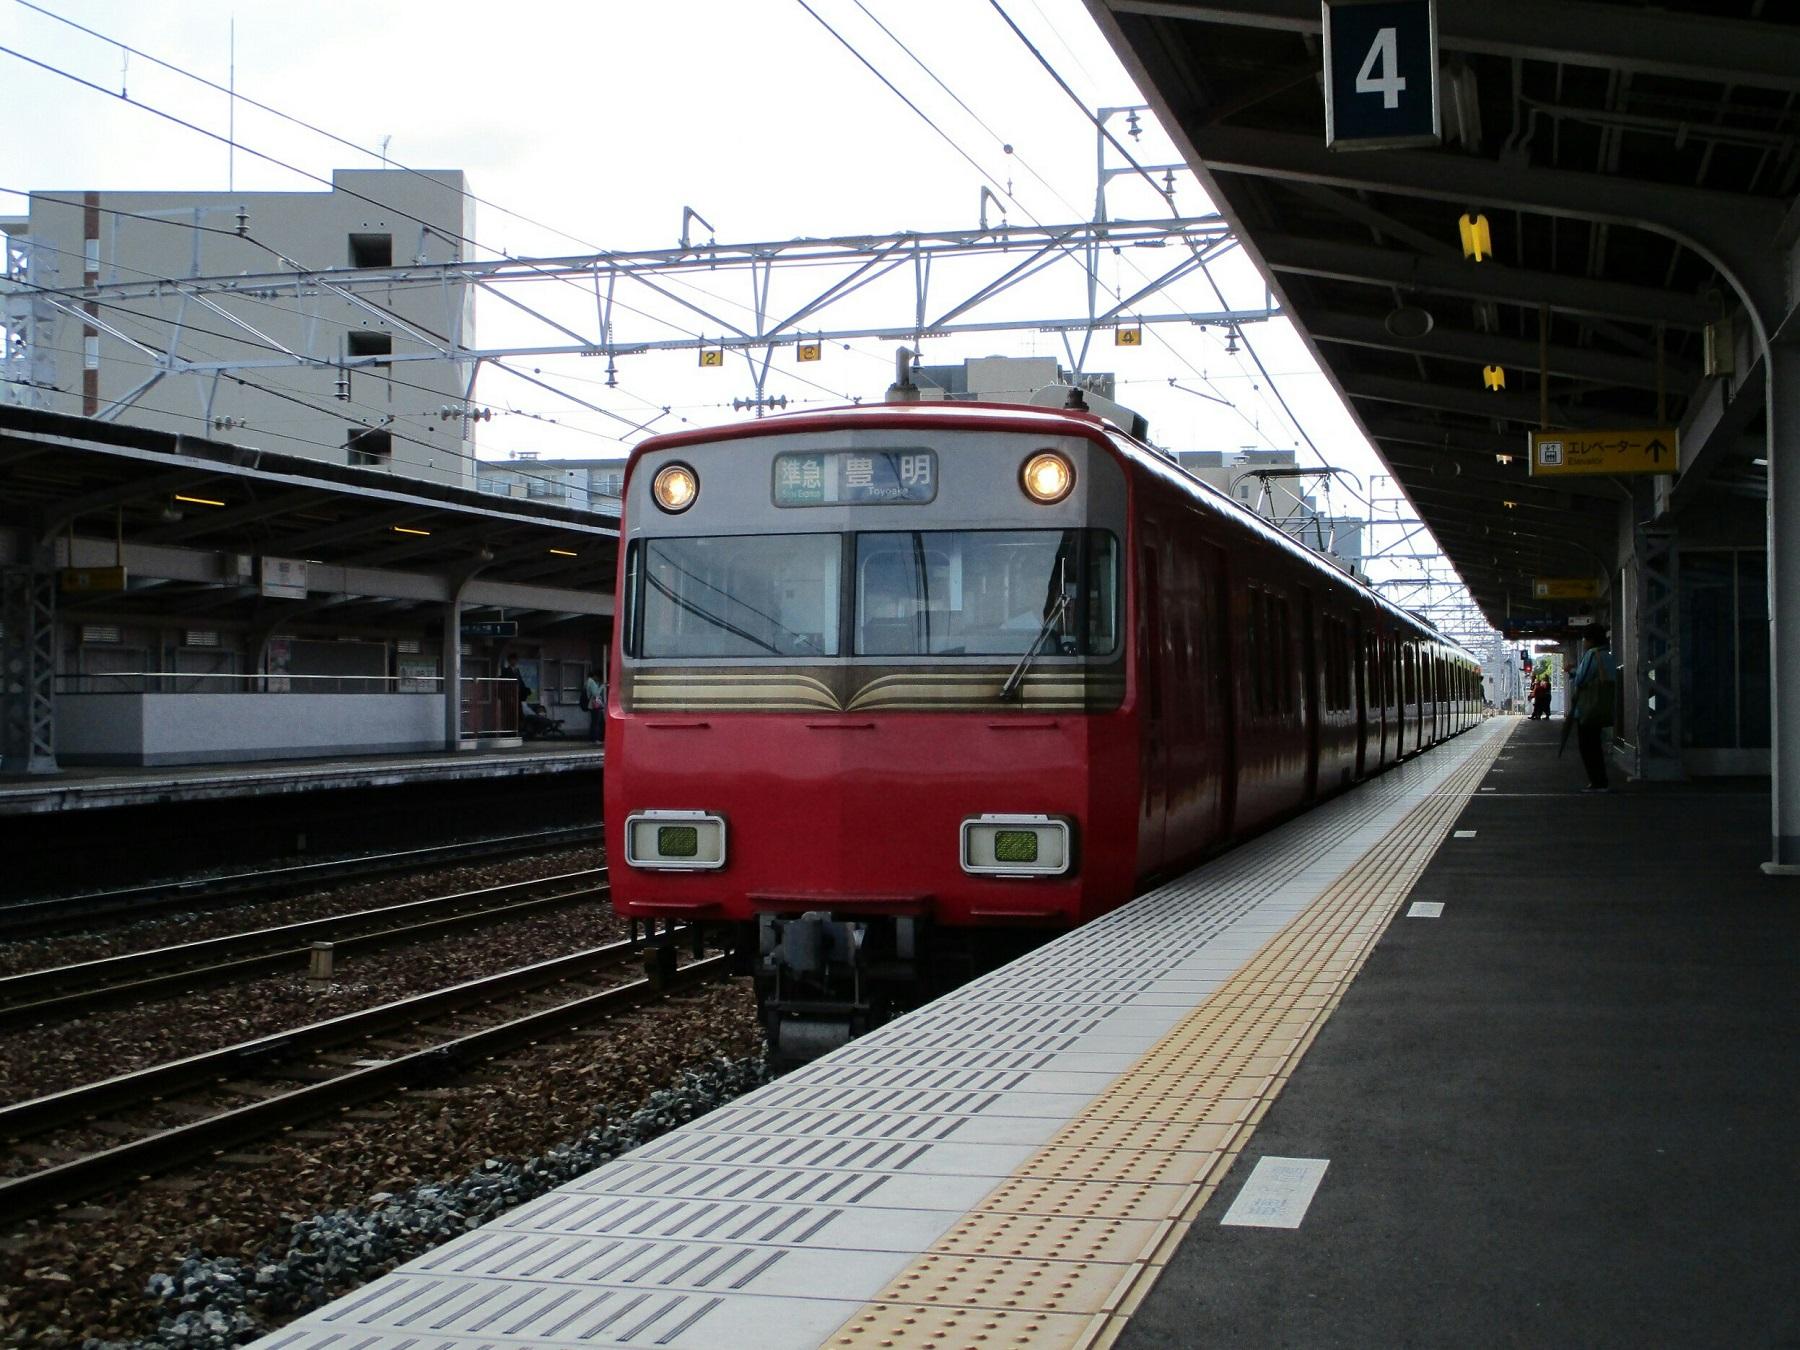 2018.6.18 (6) 堀田 - 豊明いき準急 1800-1350